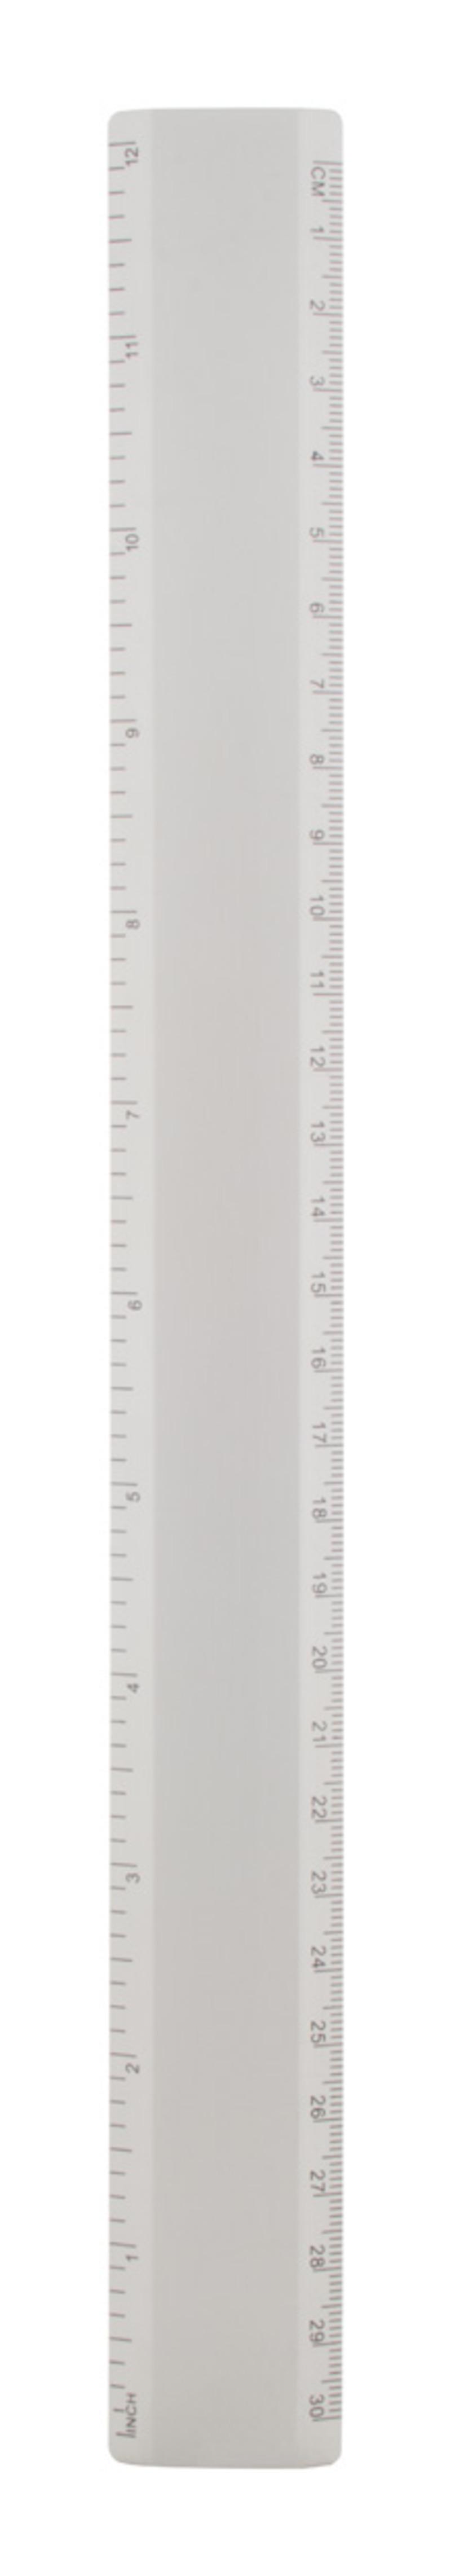 Alury 30 ruler